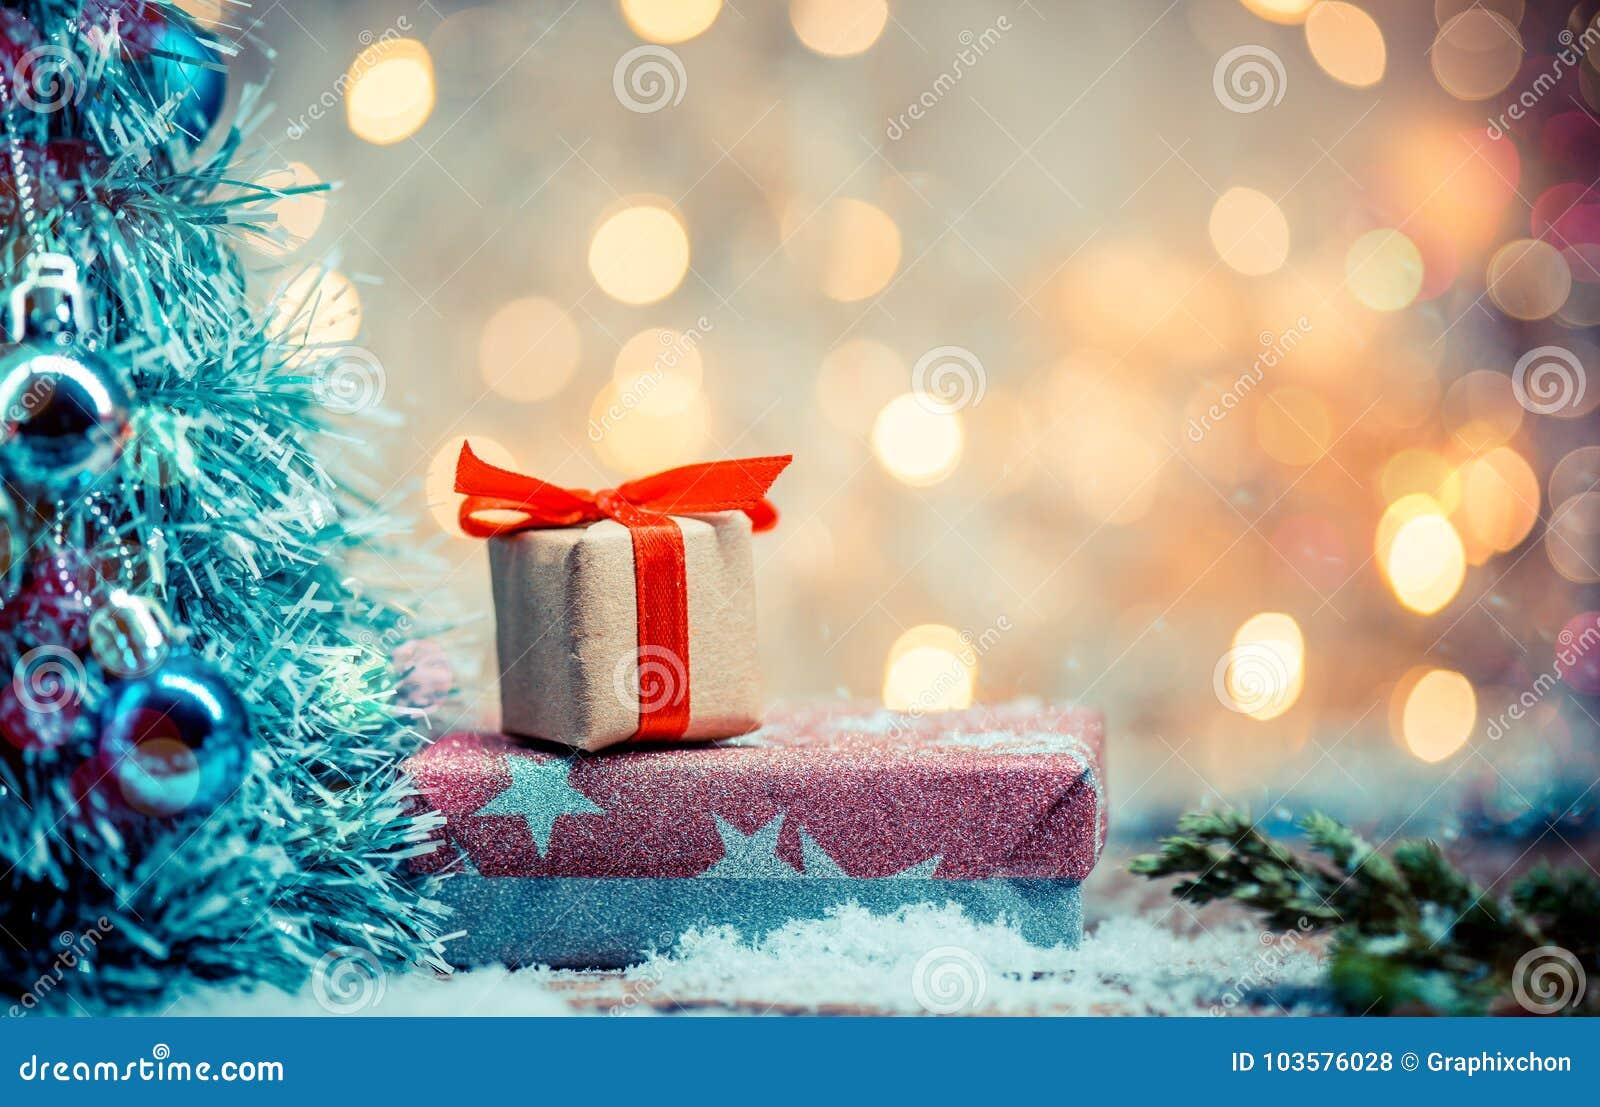 Geschenk für Weihnachtsfest